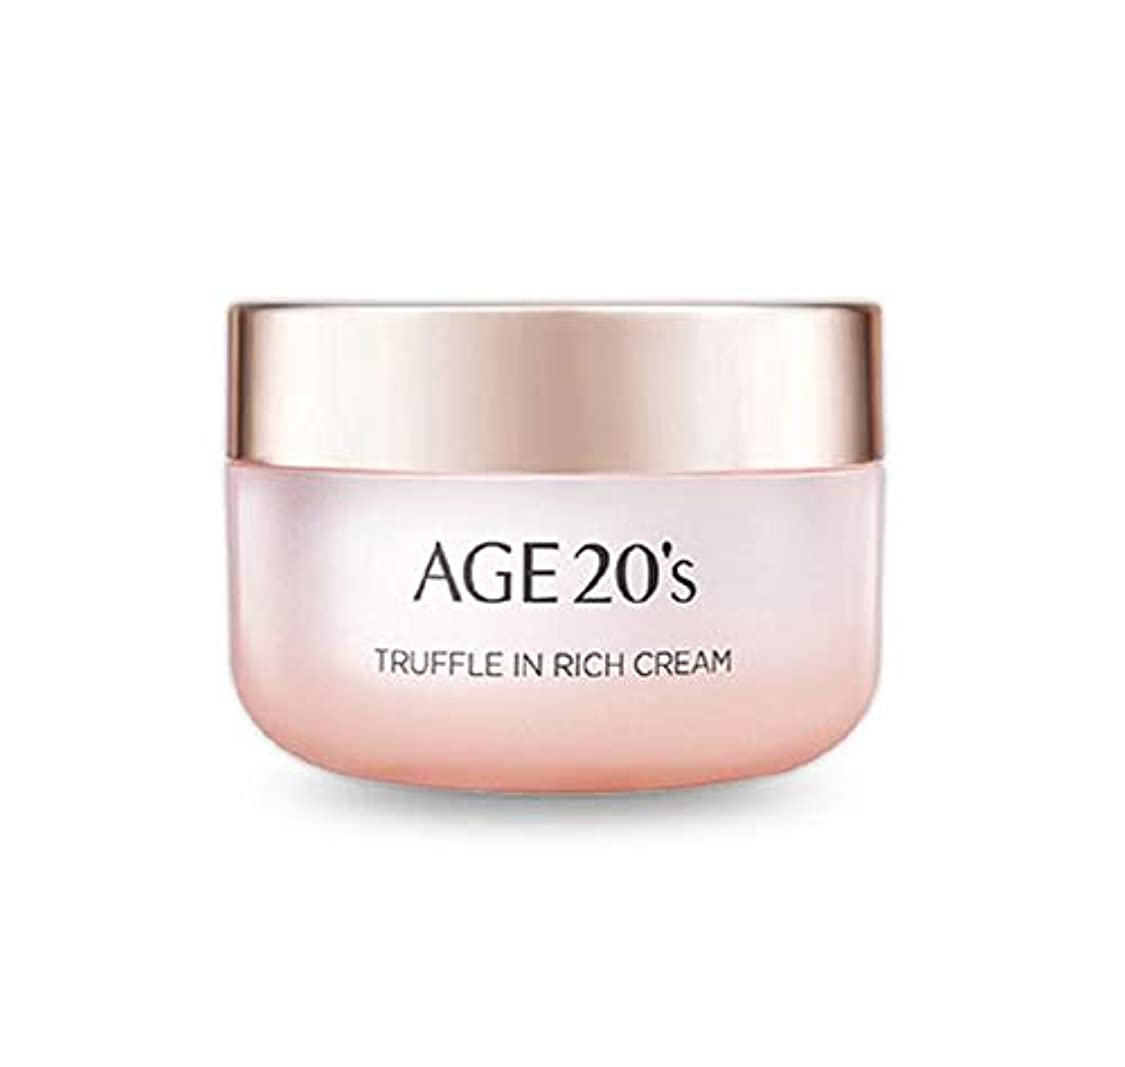 ジョリーオーク助言するエイジトゥエンティスAge20's 韓国コスメ トリュフリッチ クリーム 50g 海外直送品 Truffle in rich Cream [並行輸入品]